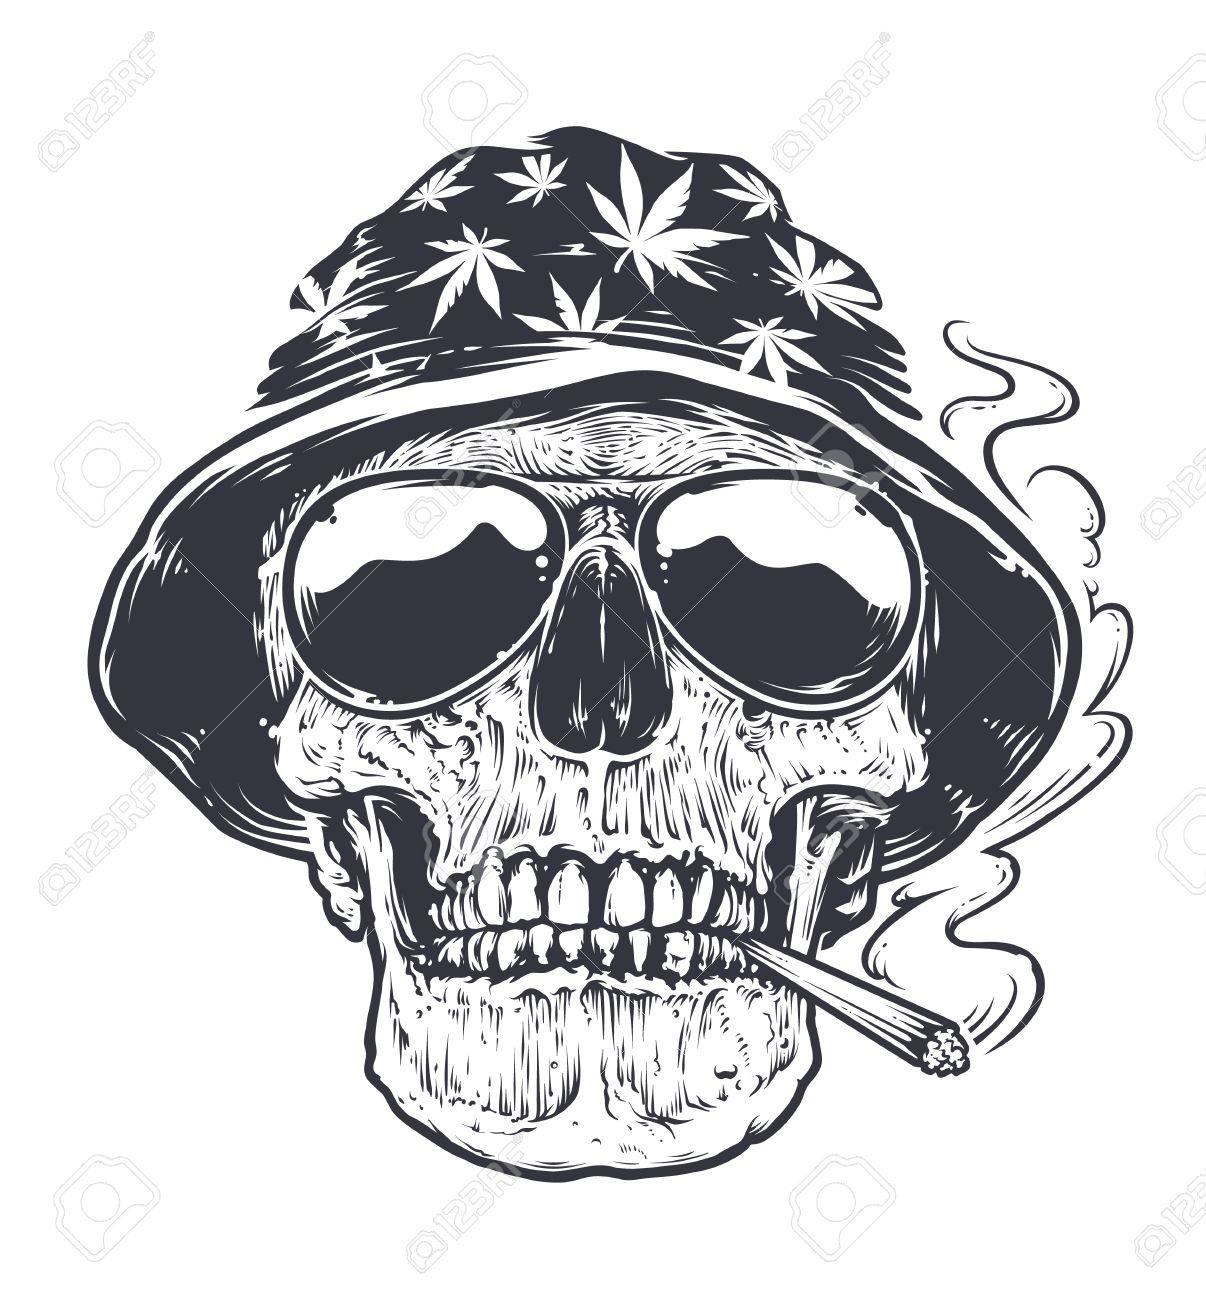 Foto de archivo - Rastaman Cráneo arte vectorial. Cráneo en sombrero con  hojas de cannabis y en anteojos sostiene fumar en la boca. Ilustración en  blanco y ... dce82976ea7